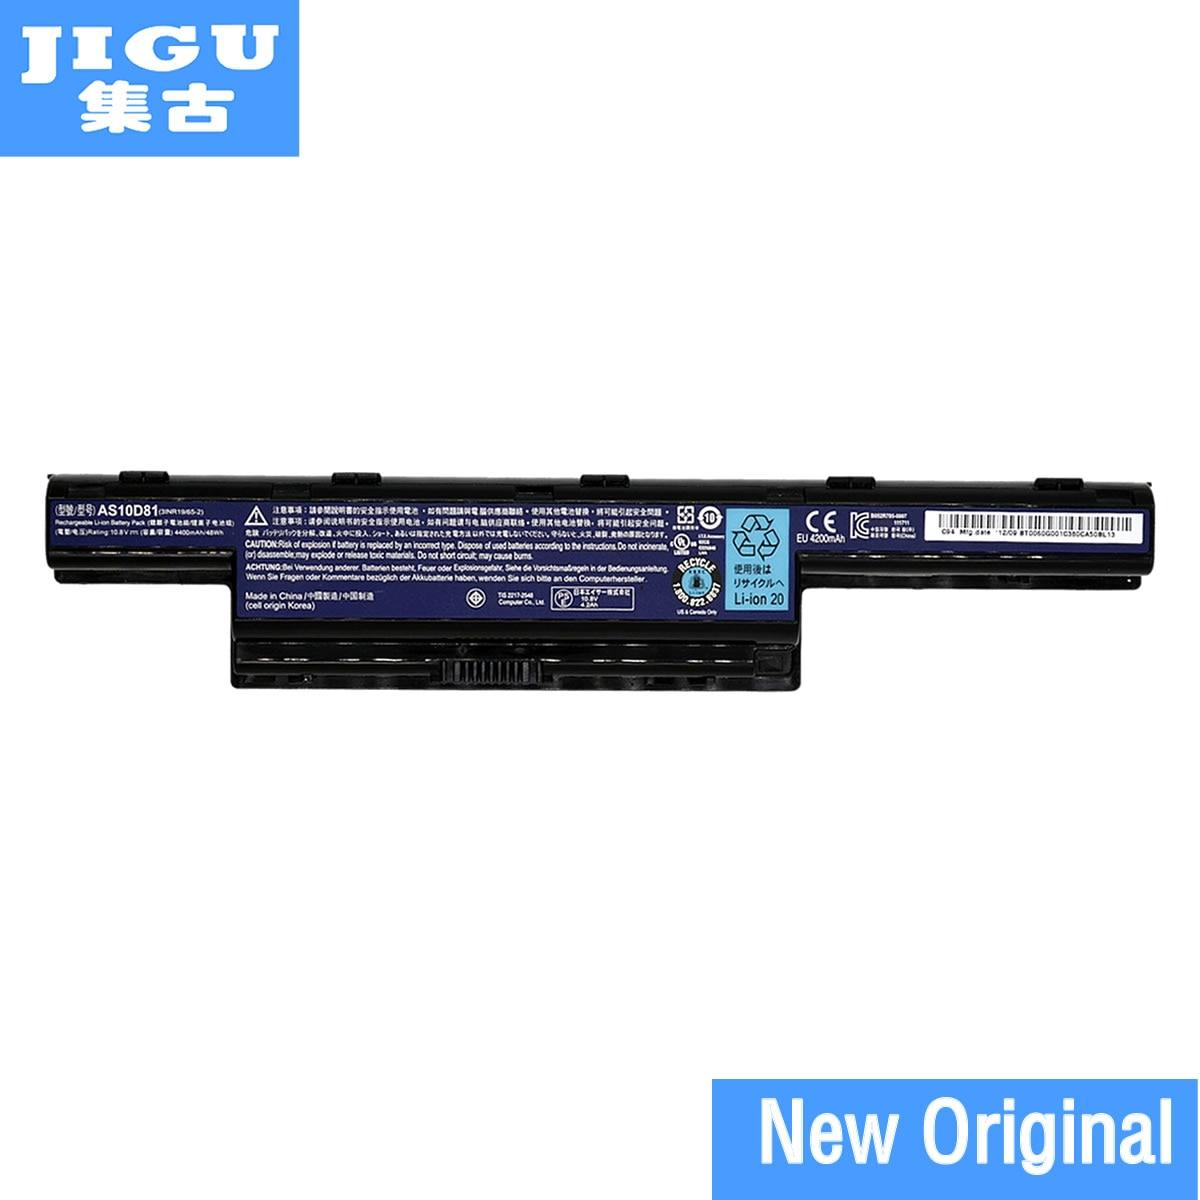 JIGU Original Laptop Battery For ACER E1 421 E1 431 E1 451G E1 471 E1 471G E1 531 E1 571 E1 571G E1 772G V3 V3 471G